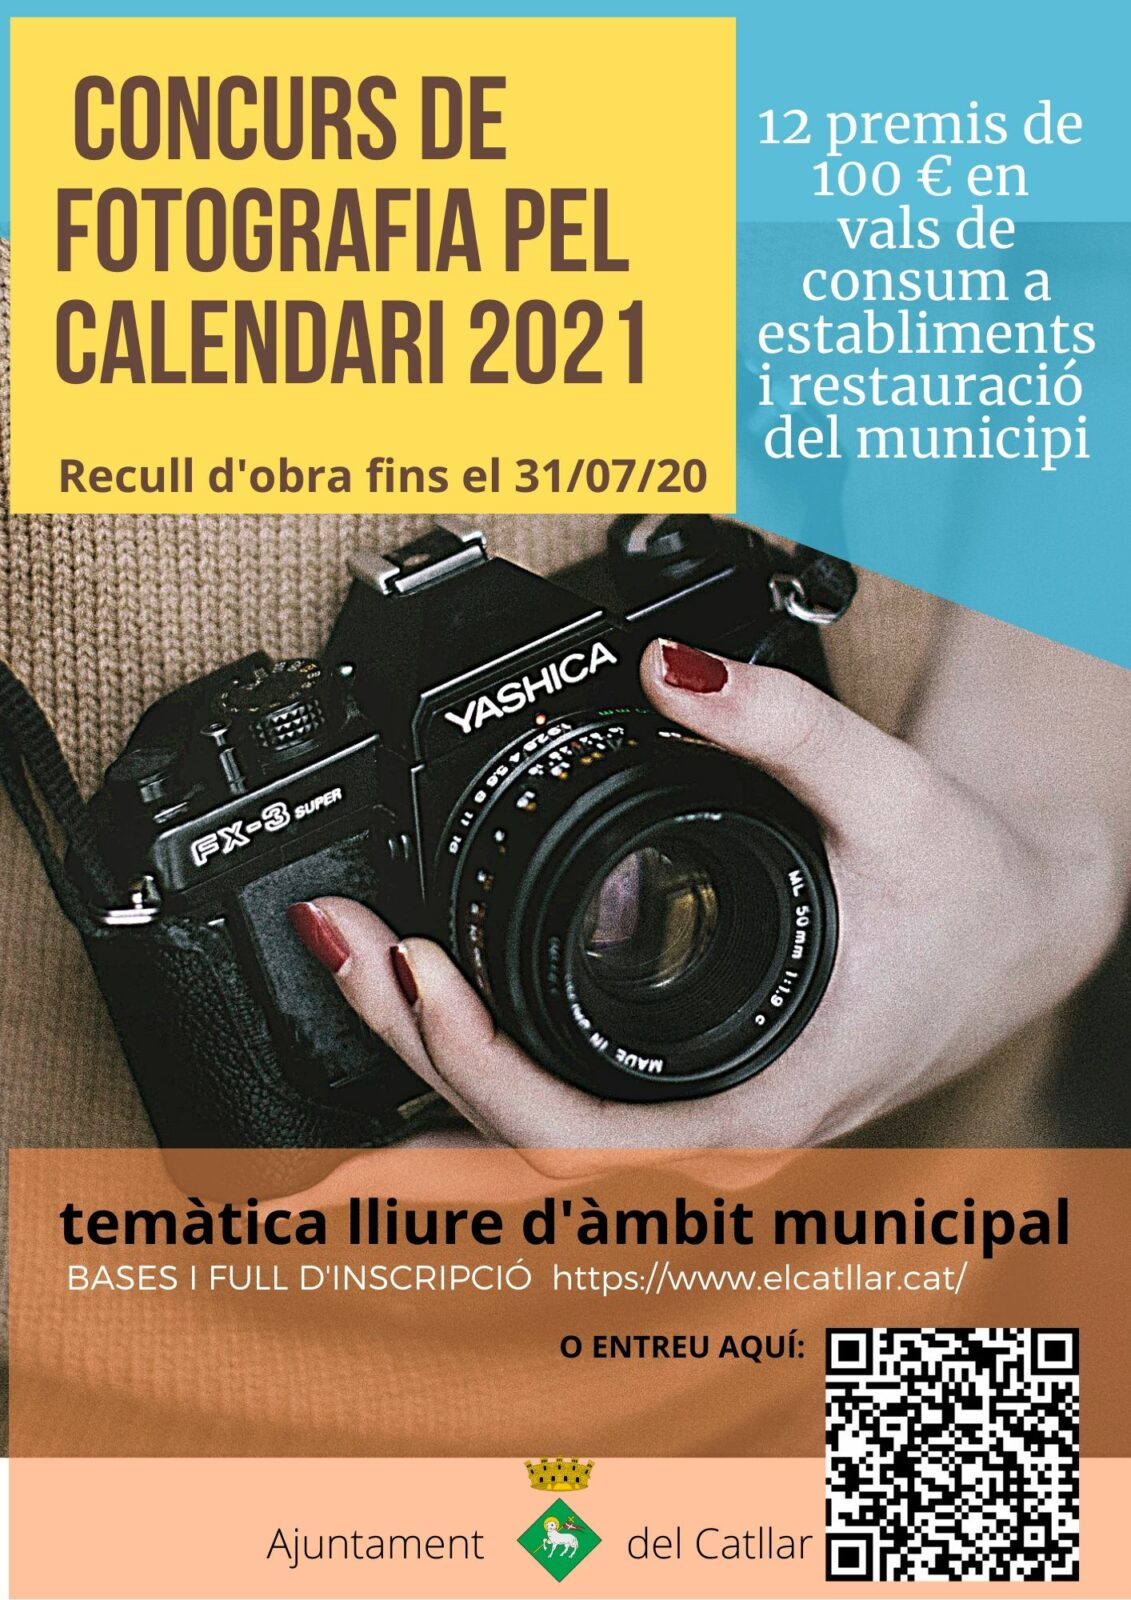 CONCURSO DE FOTOGRAFÍA PARA EL CALENDARIO 2021